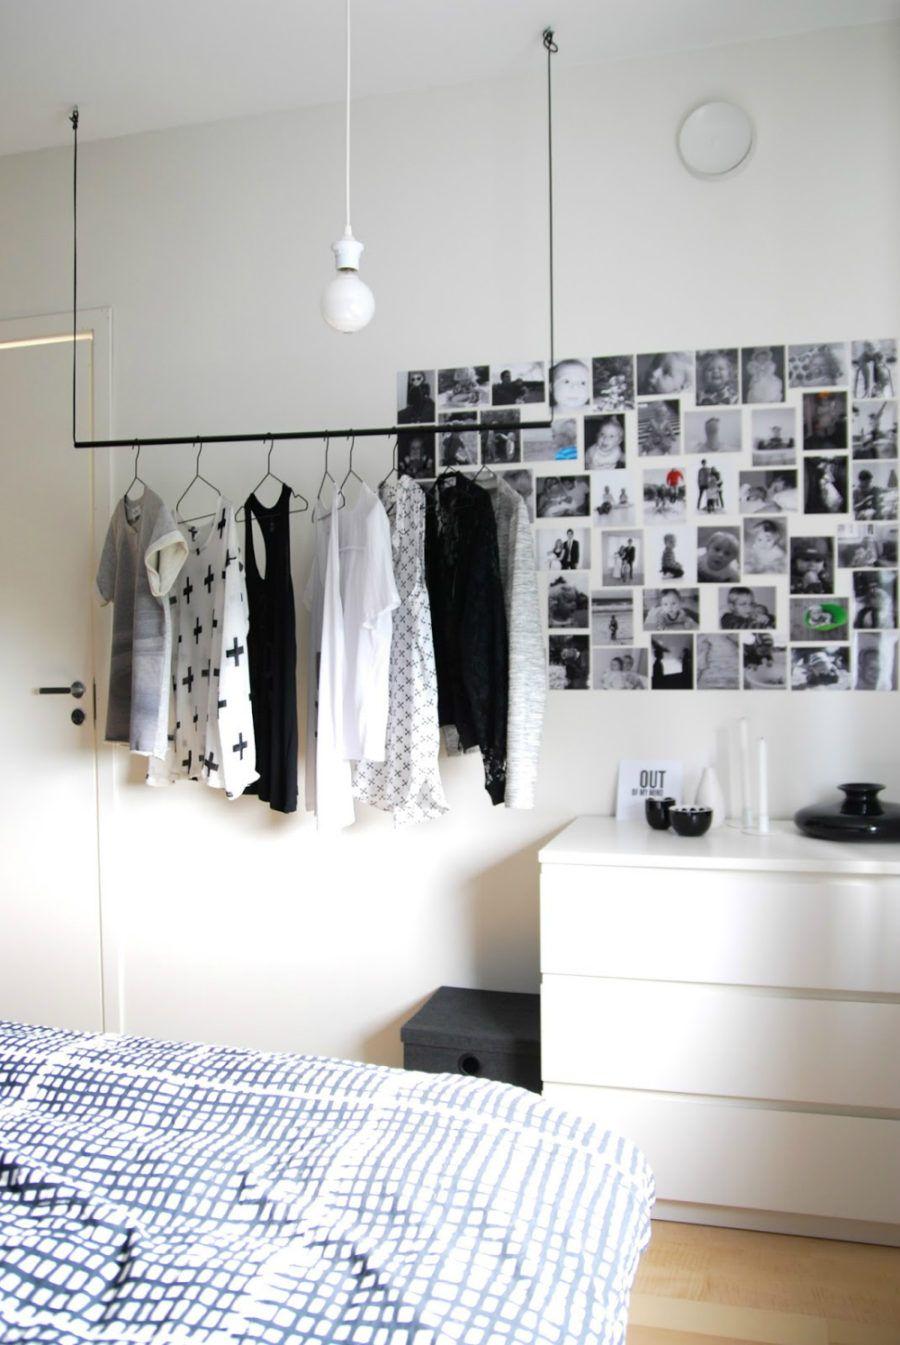 #Möbel Open Closet Ideen Für Kleine Räume #neu #dekor #house #decor